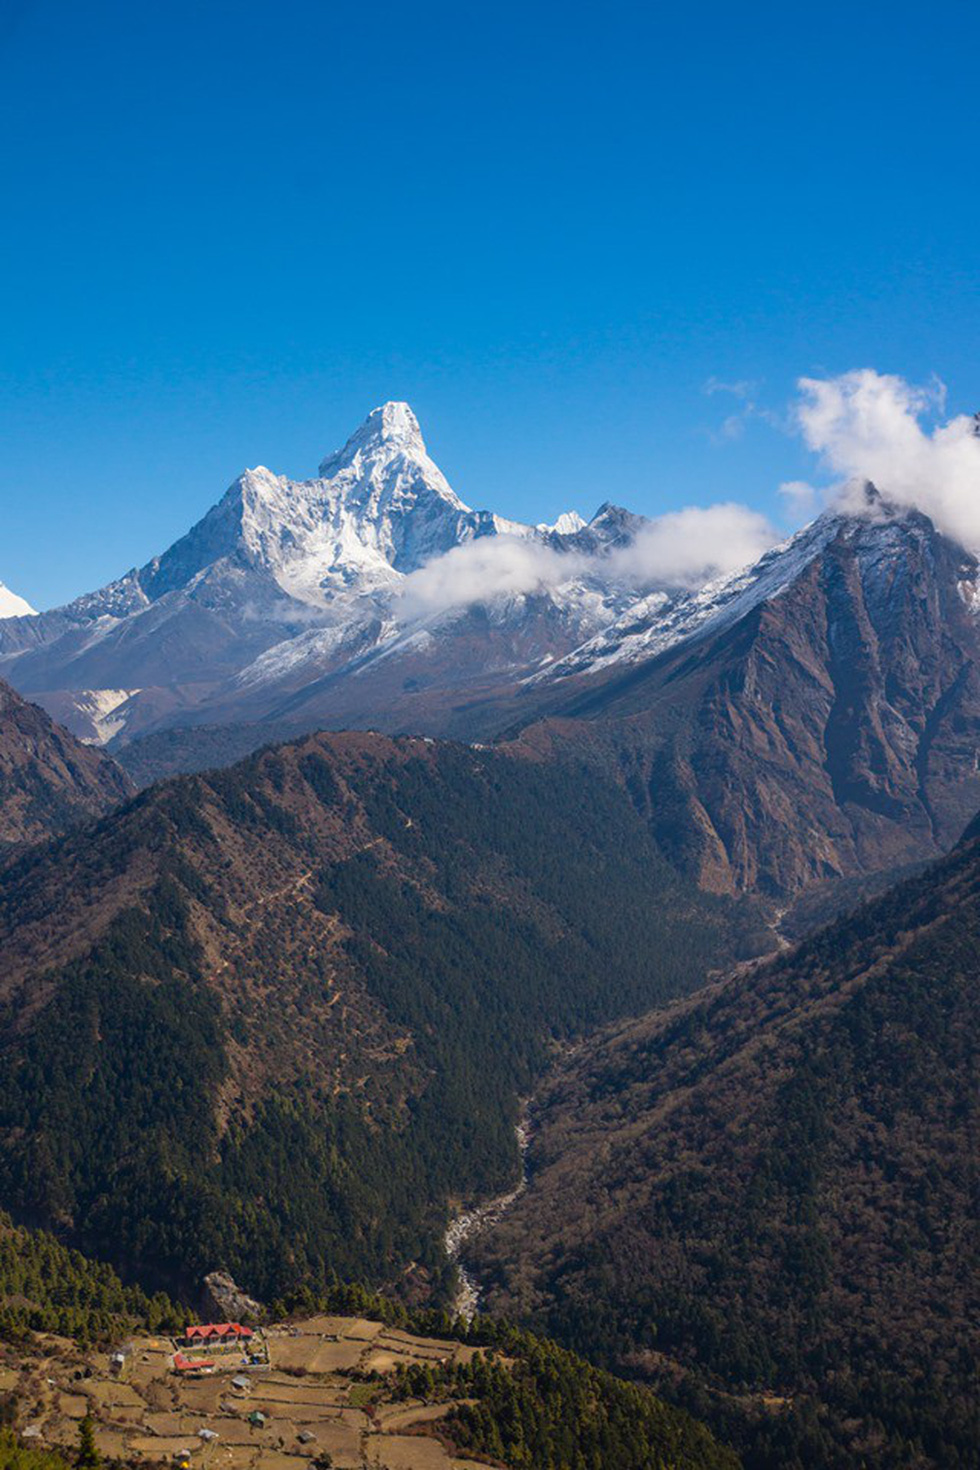 Giữ sức khỏe, chống say độ cao khi leo núi, trek đường dài  - Ảnh 6.